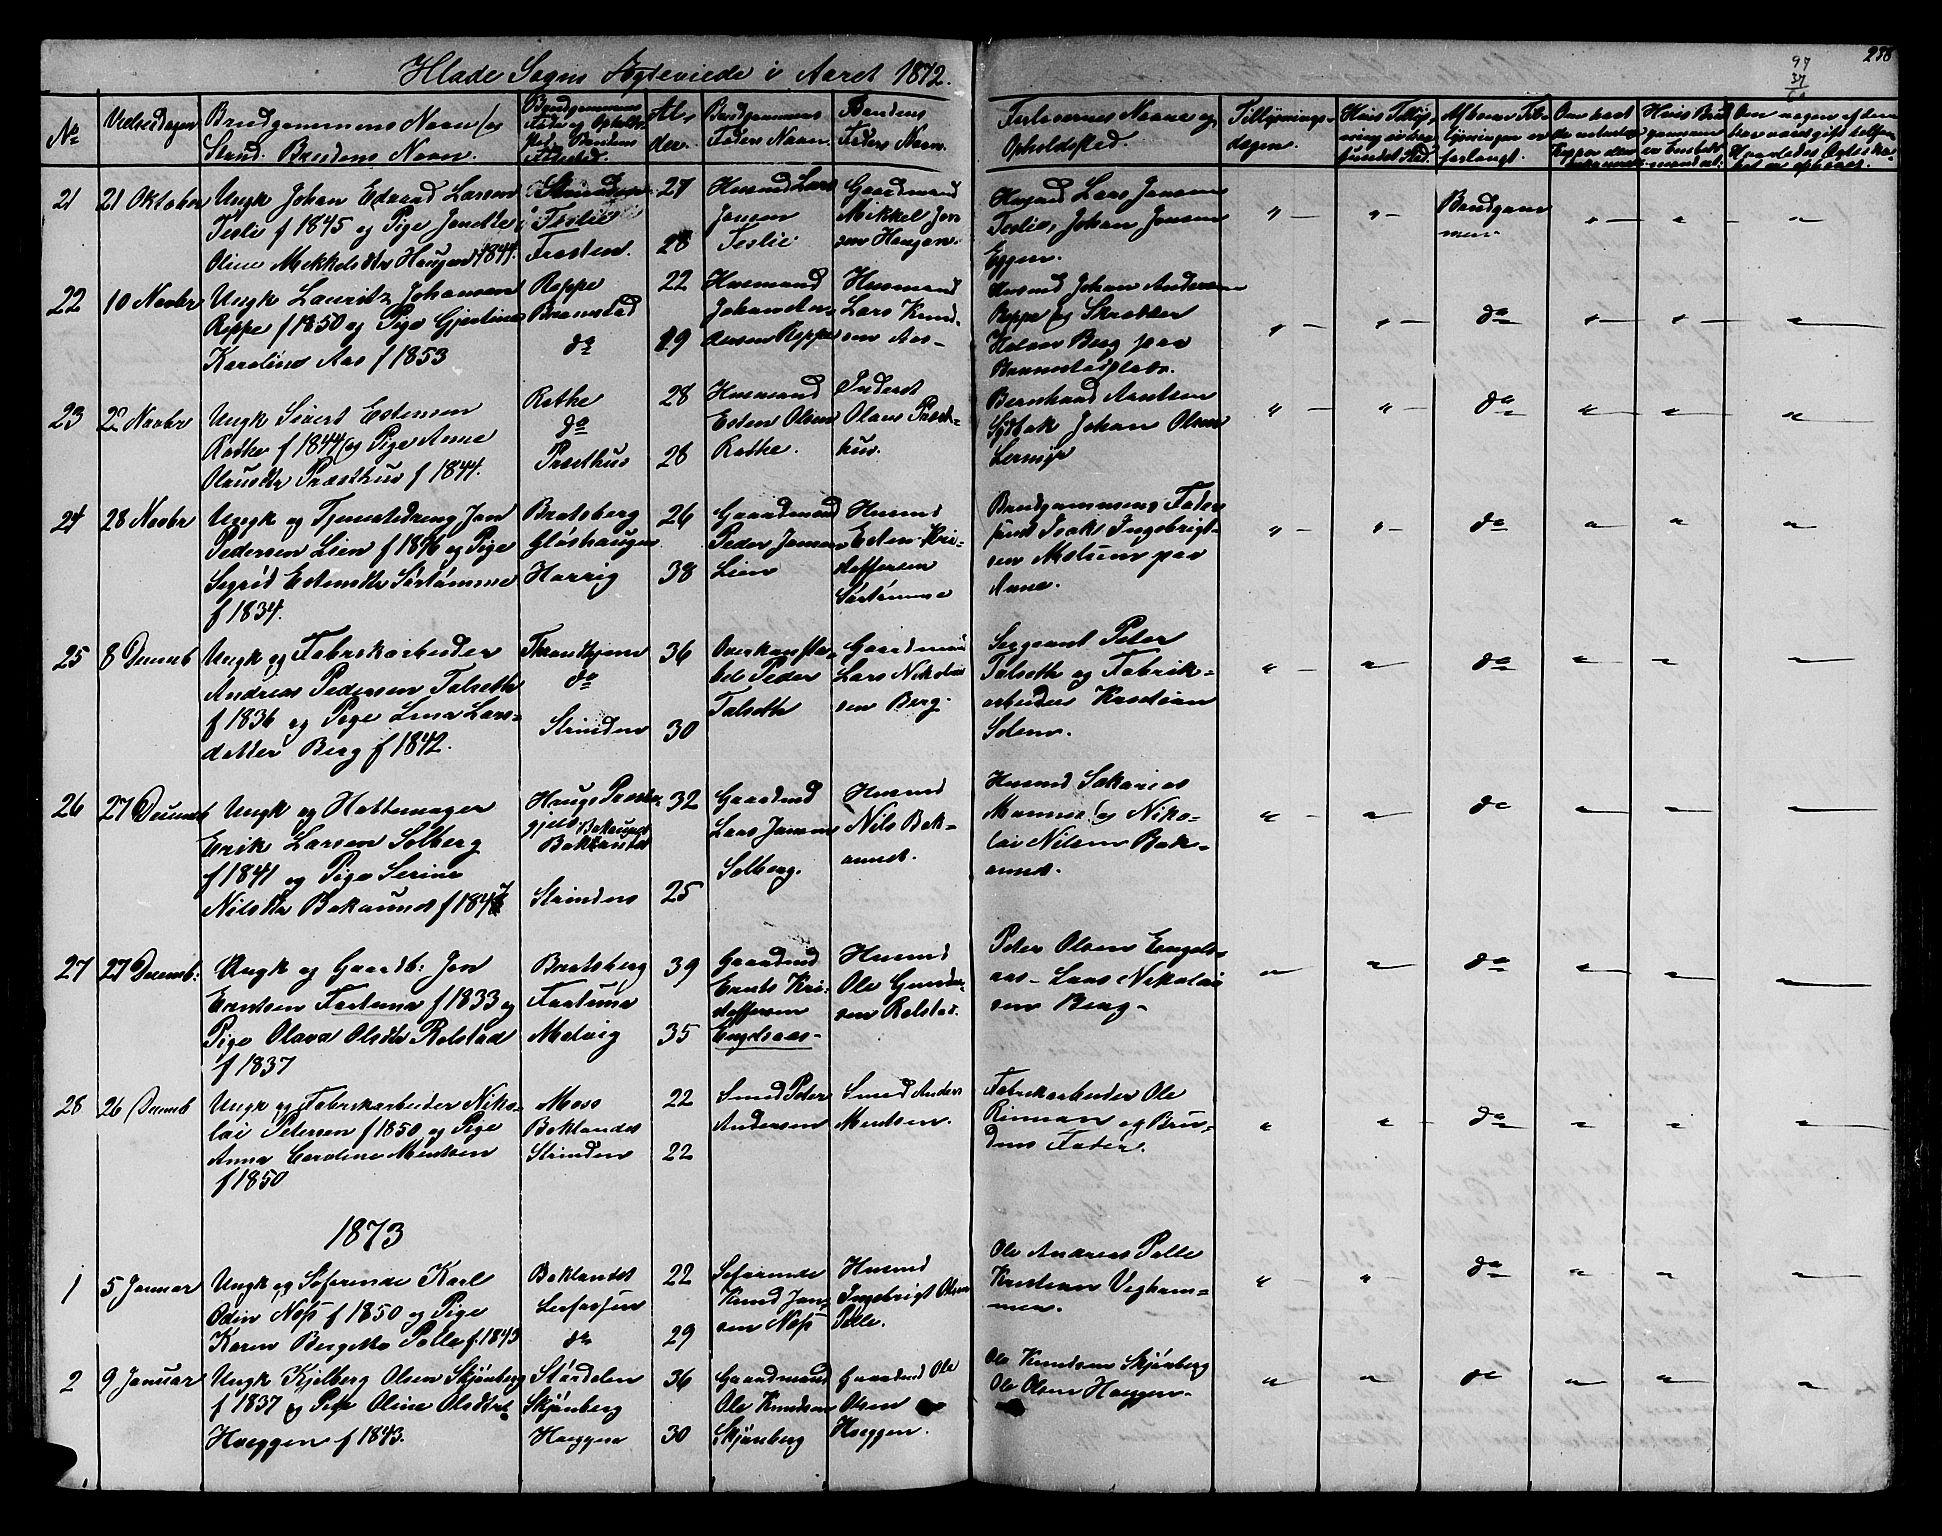 SAT, Ministerialprotokoller, klokkerbøker og fødselsregistre - Sør-Trøndelag, 606/L0311: Klokkerbok nr. 606C07, 1860-1877, s. 238